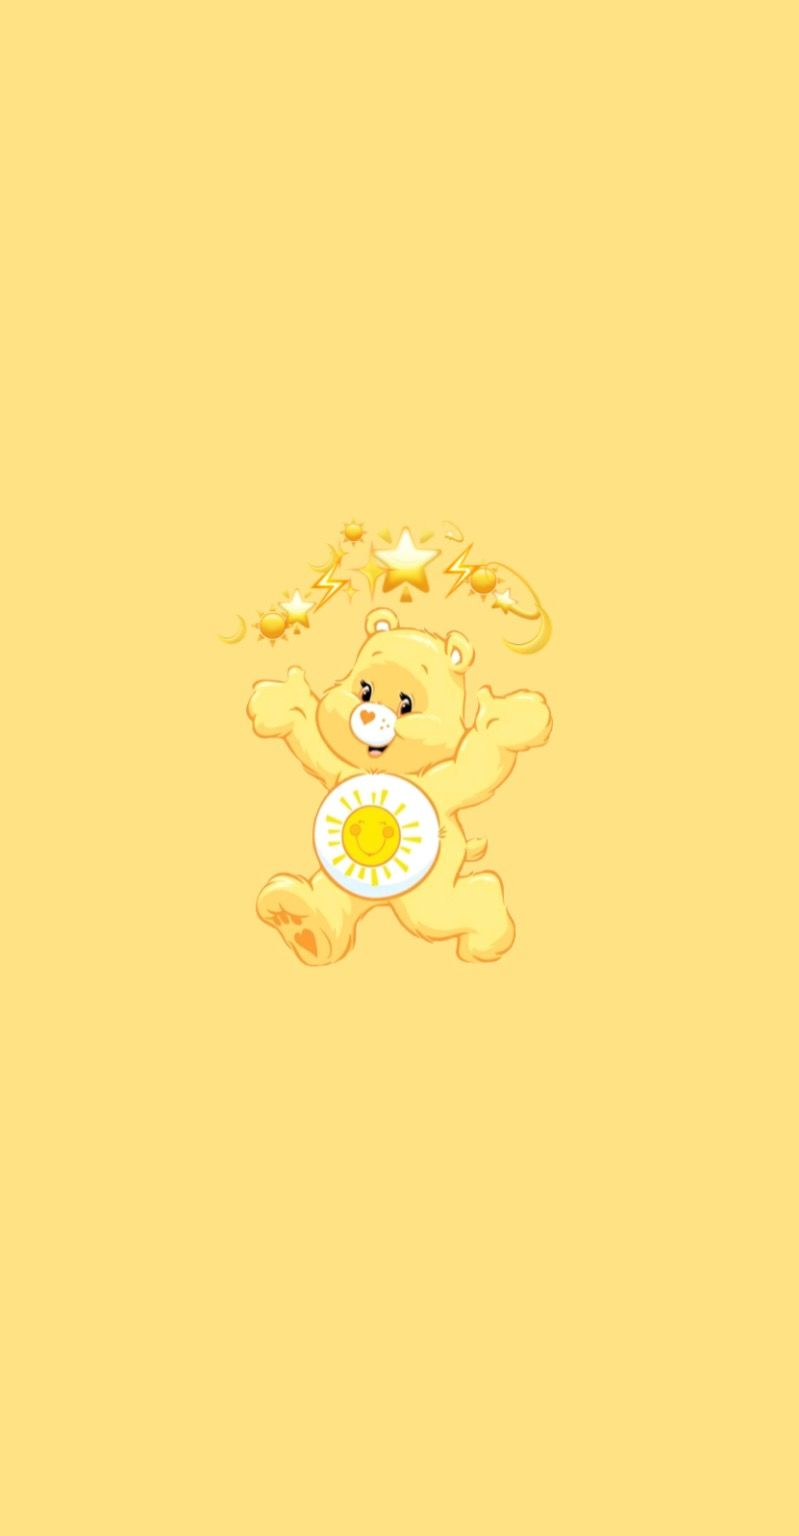 Yellow Care Bear Bear Wallpaper Cartoon Wallpaper Iphone Cute Disney Wallpaper